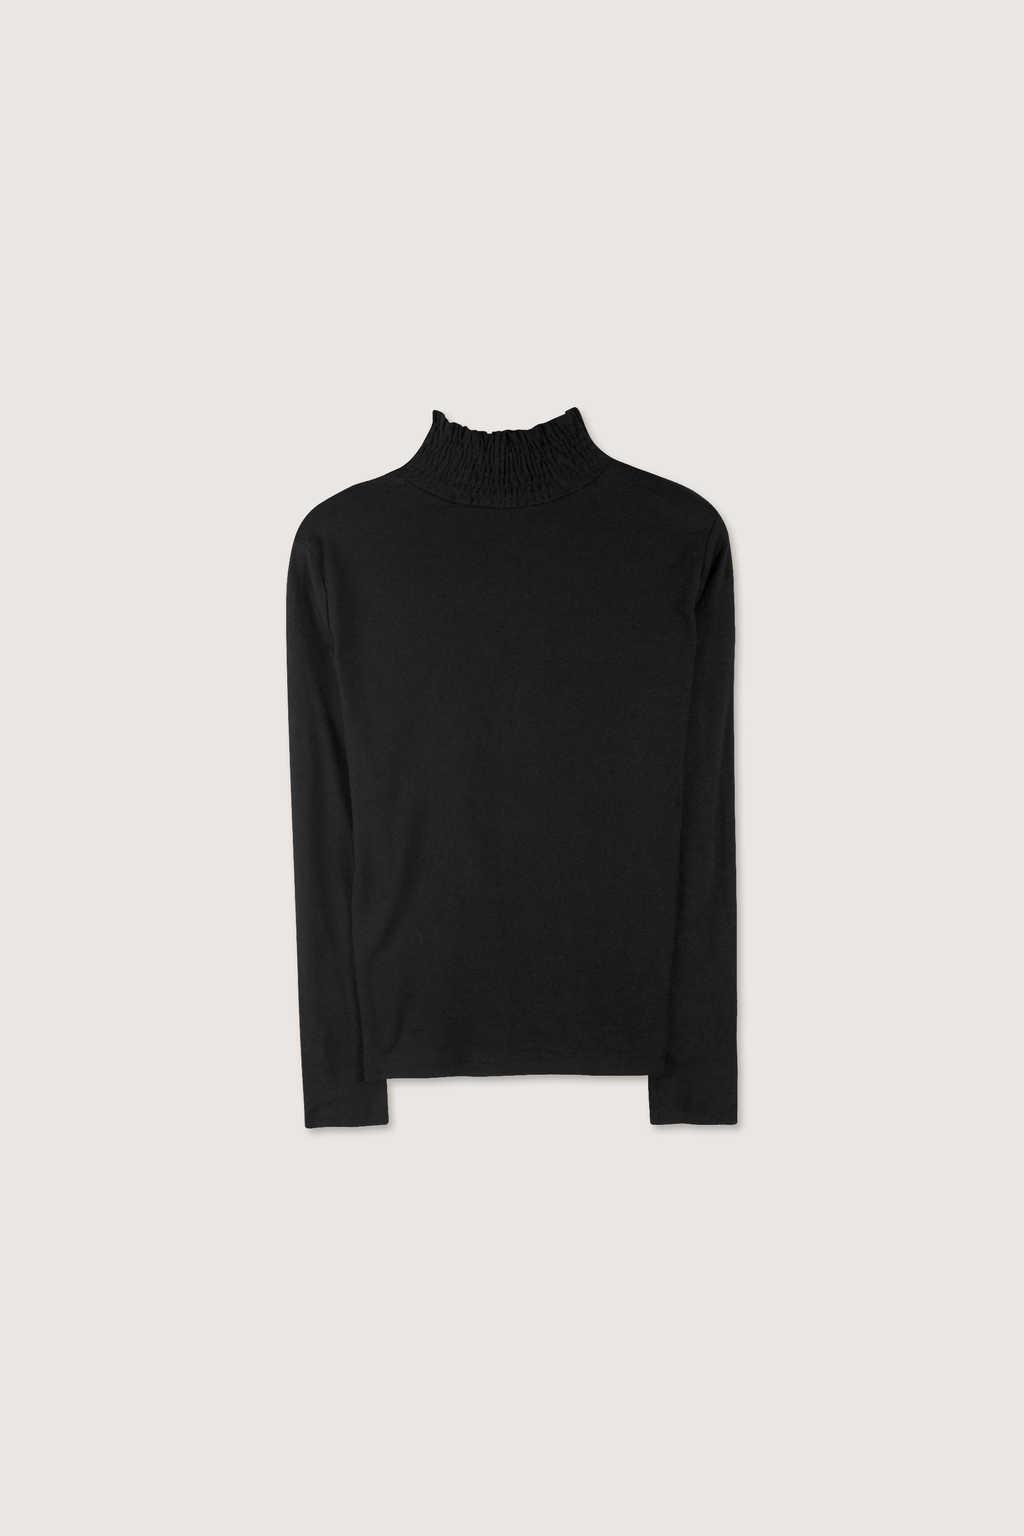 TShirt H461 Black 5